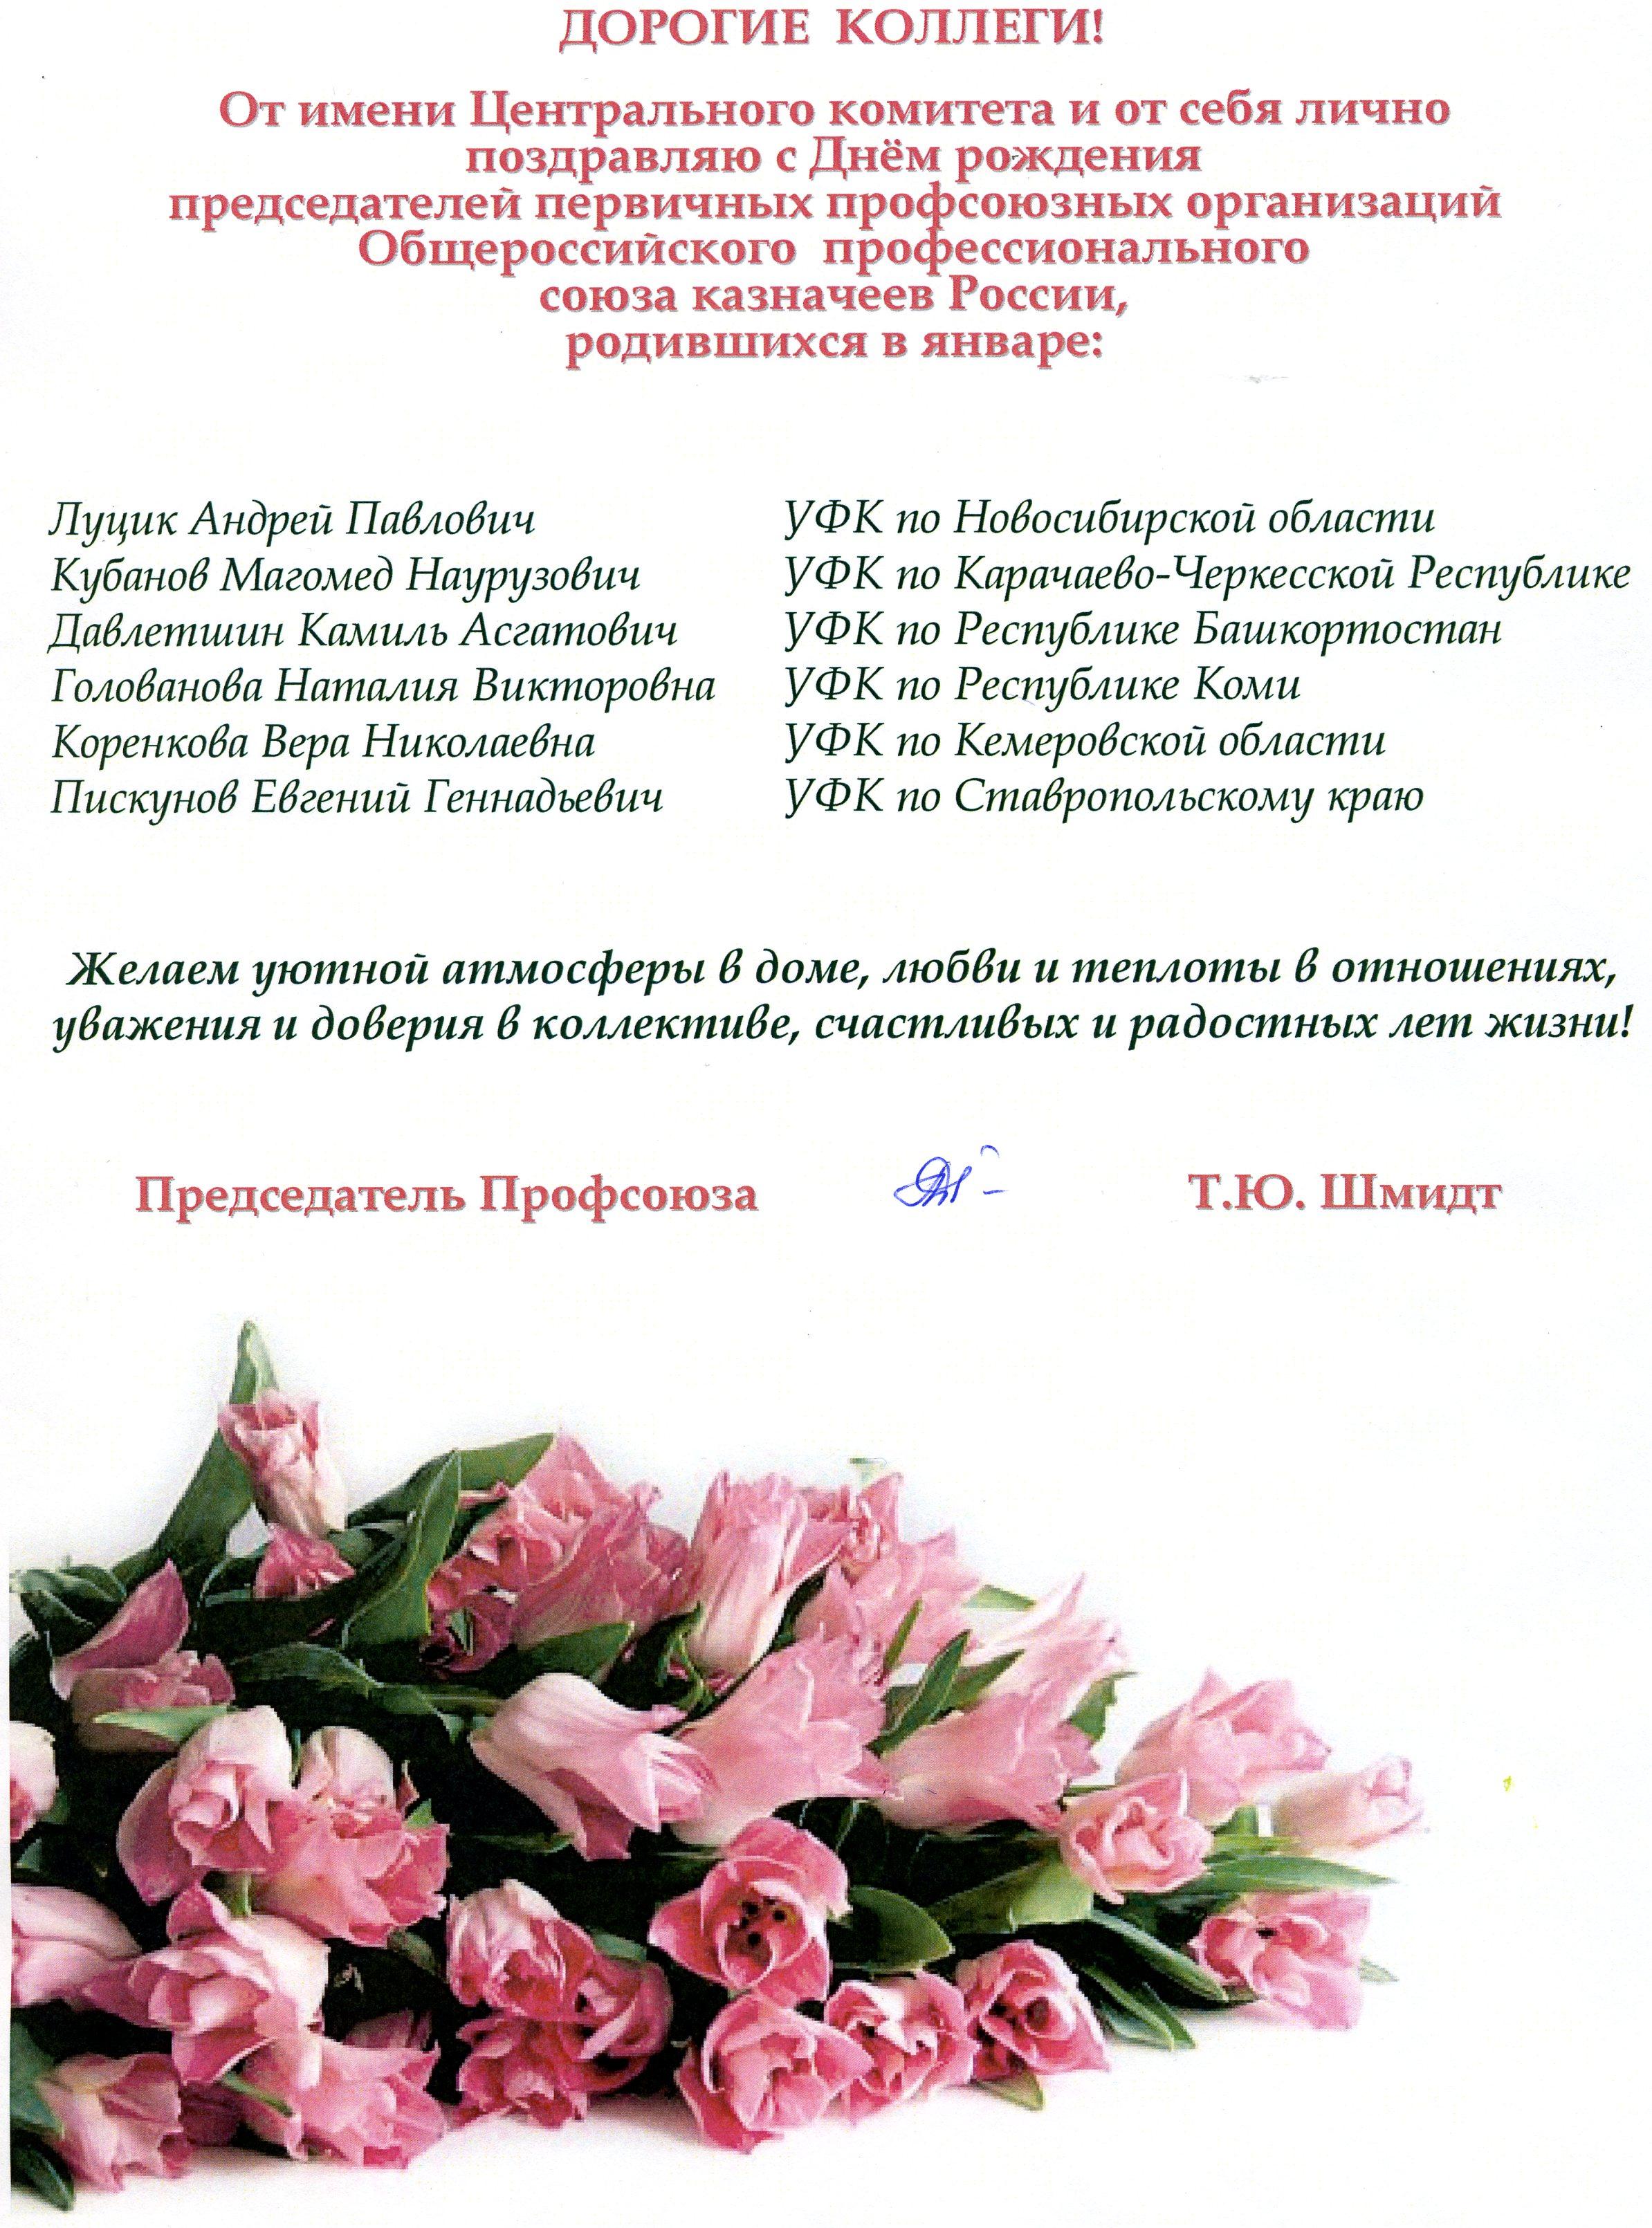 Поздравления с юбилеем женщине в стихах красивые сватье фото 216